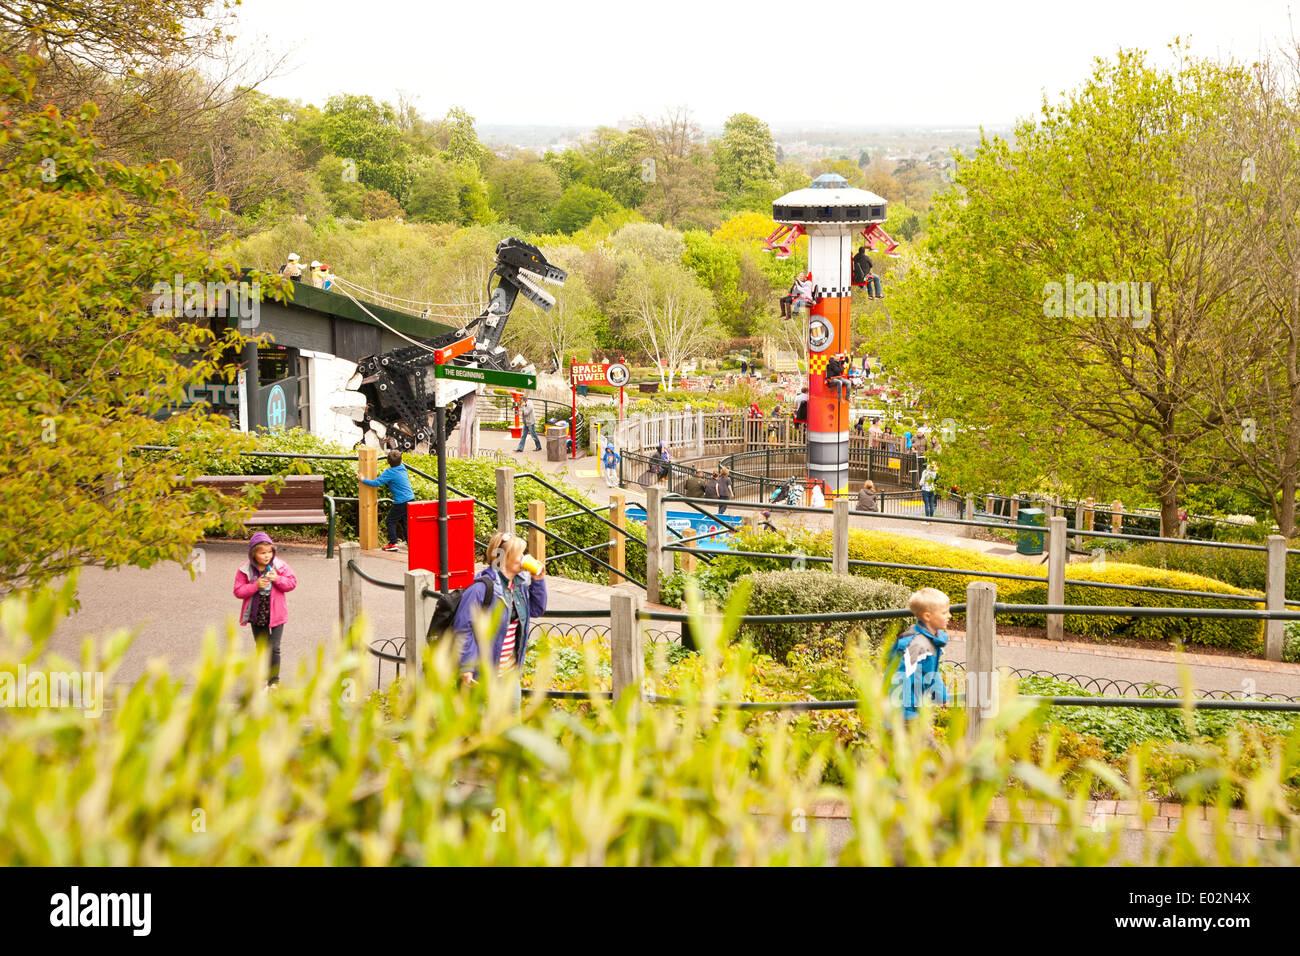 UK, Windsor, Legoland, A family leisure park. Stock Photo